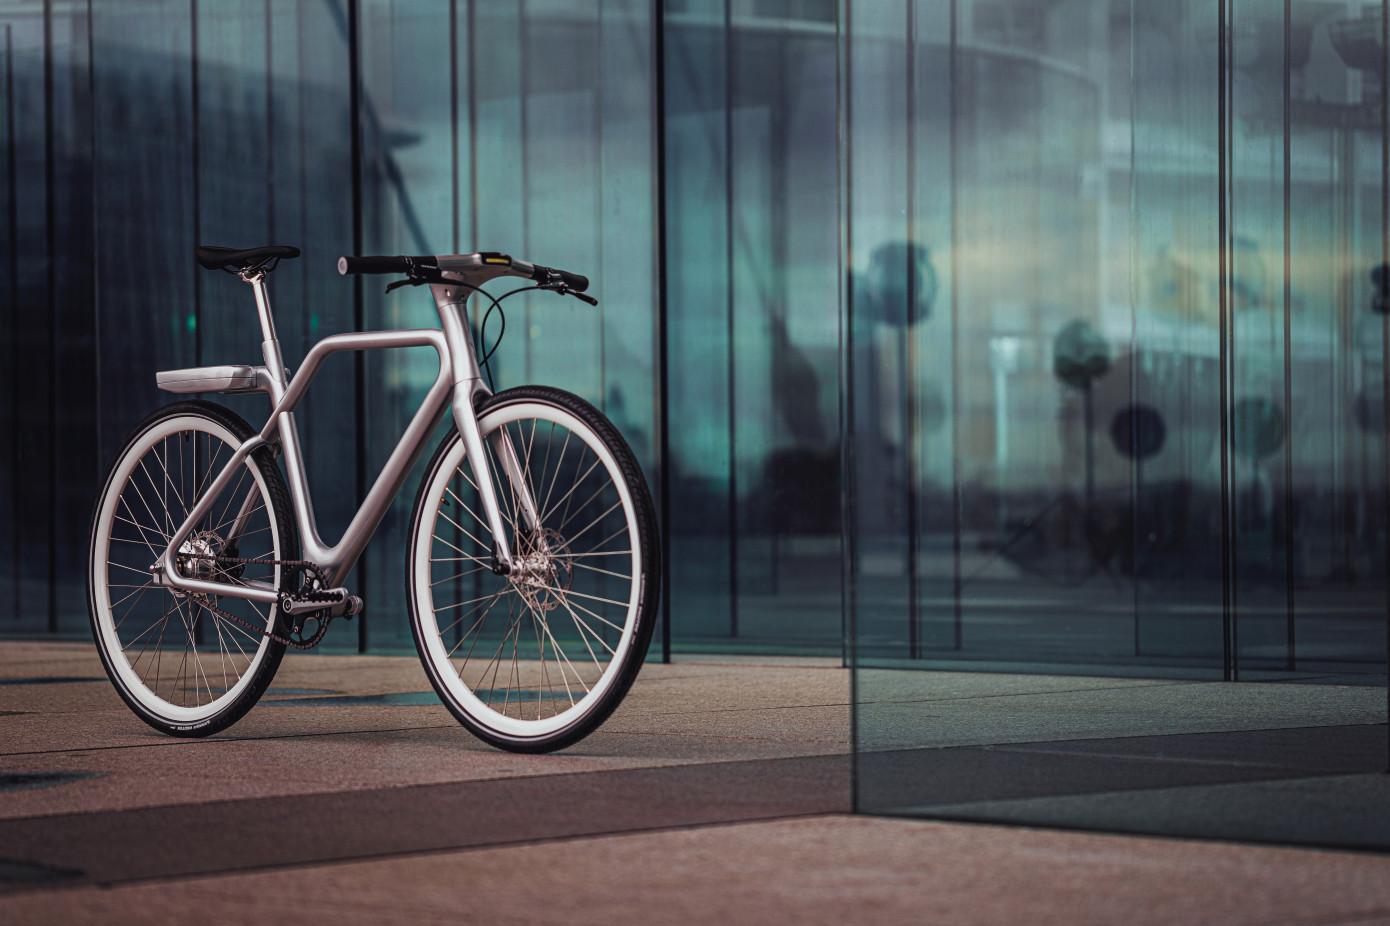 Le fondateur de Meetic officialise Angell, un vélo électrique connecté ambitieux mais onéreux